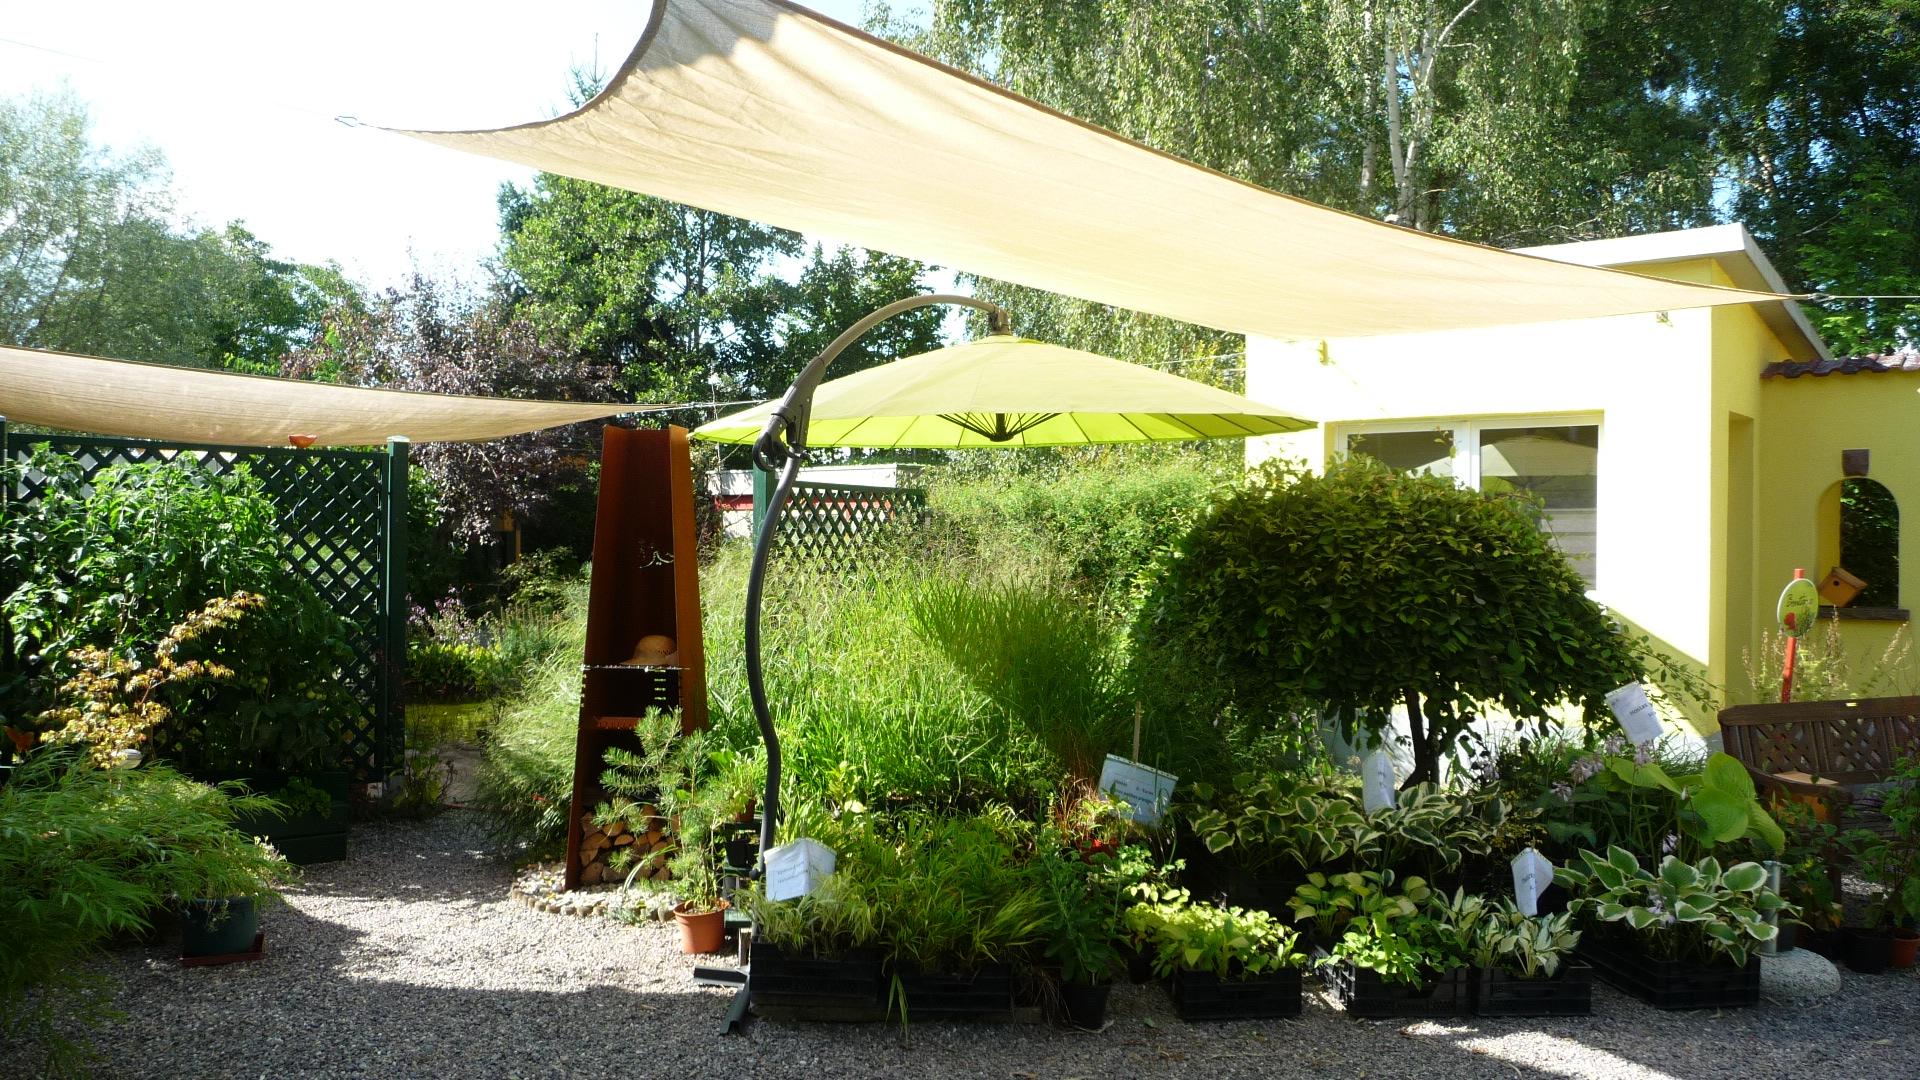 Nouveaut au jardin chez pia et alain for Dans un jardin boutique